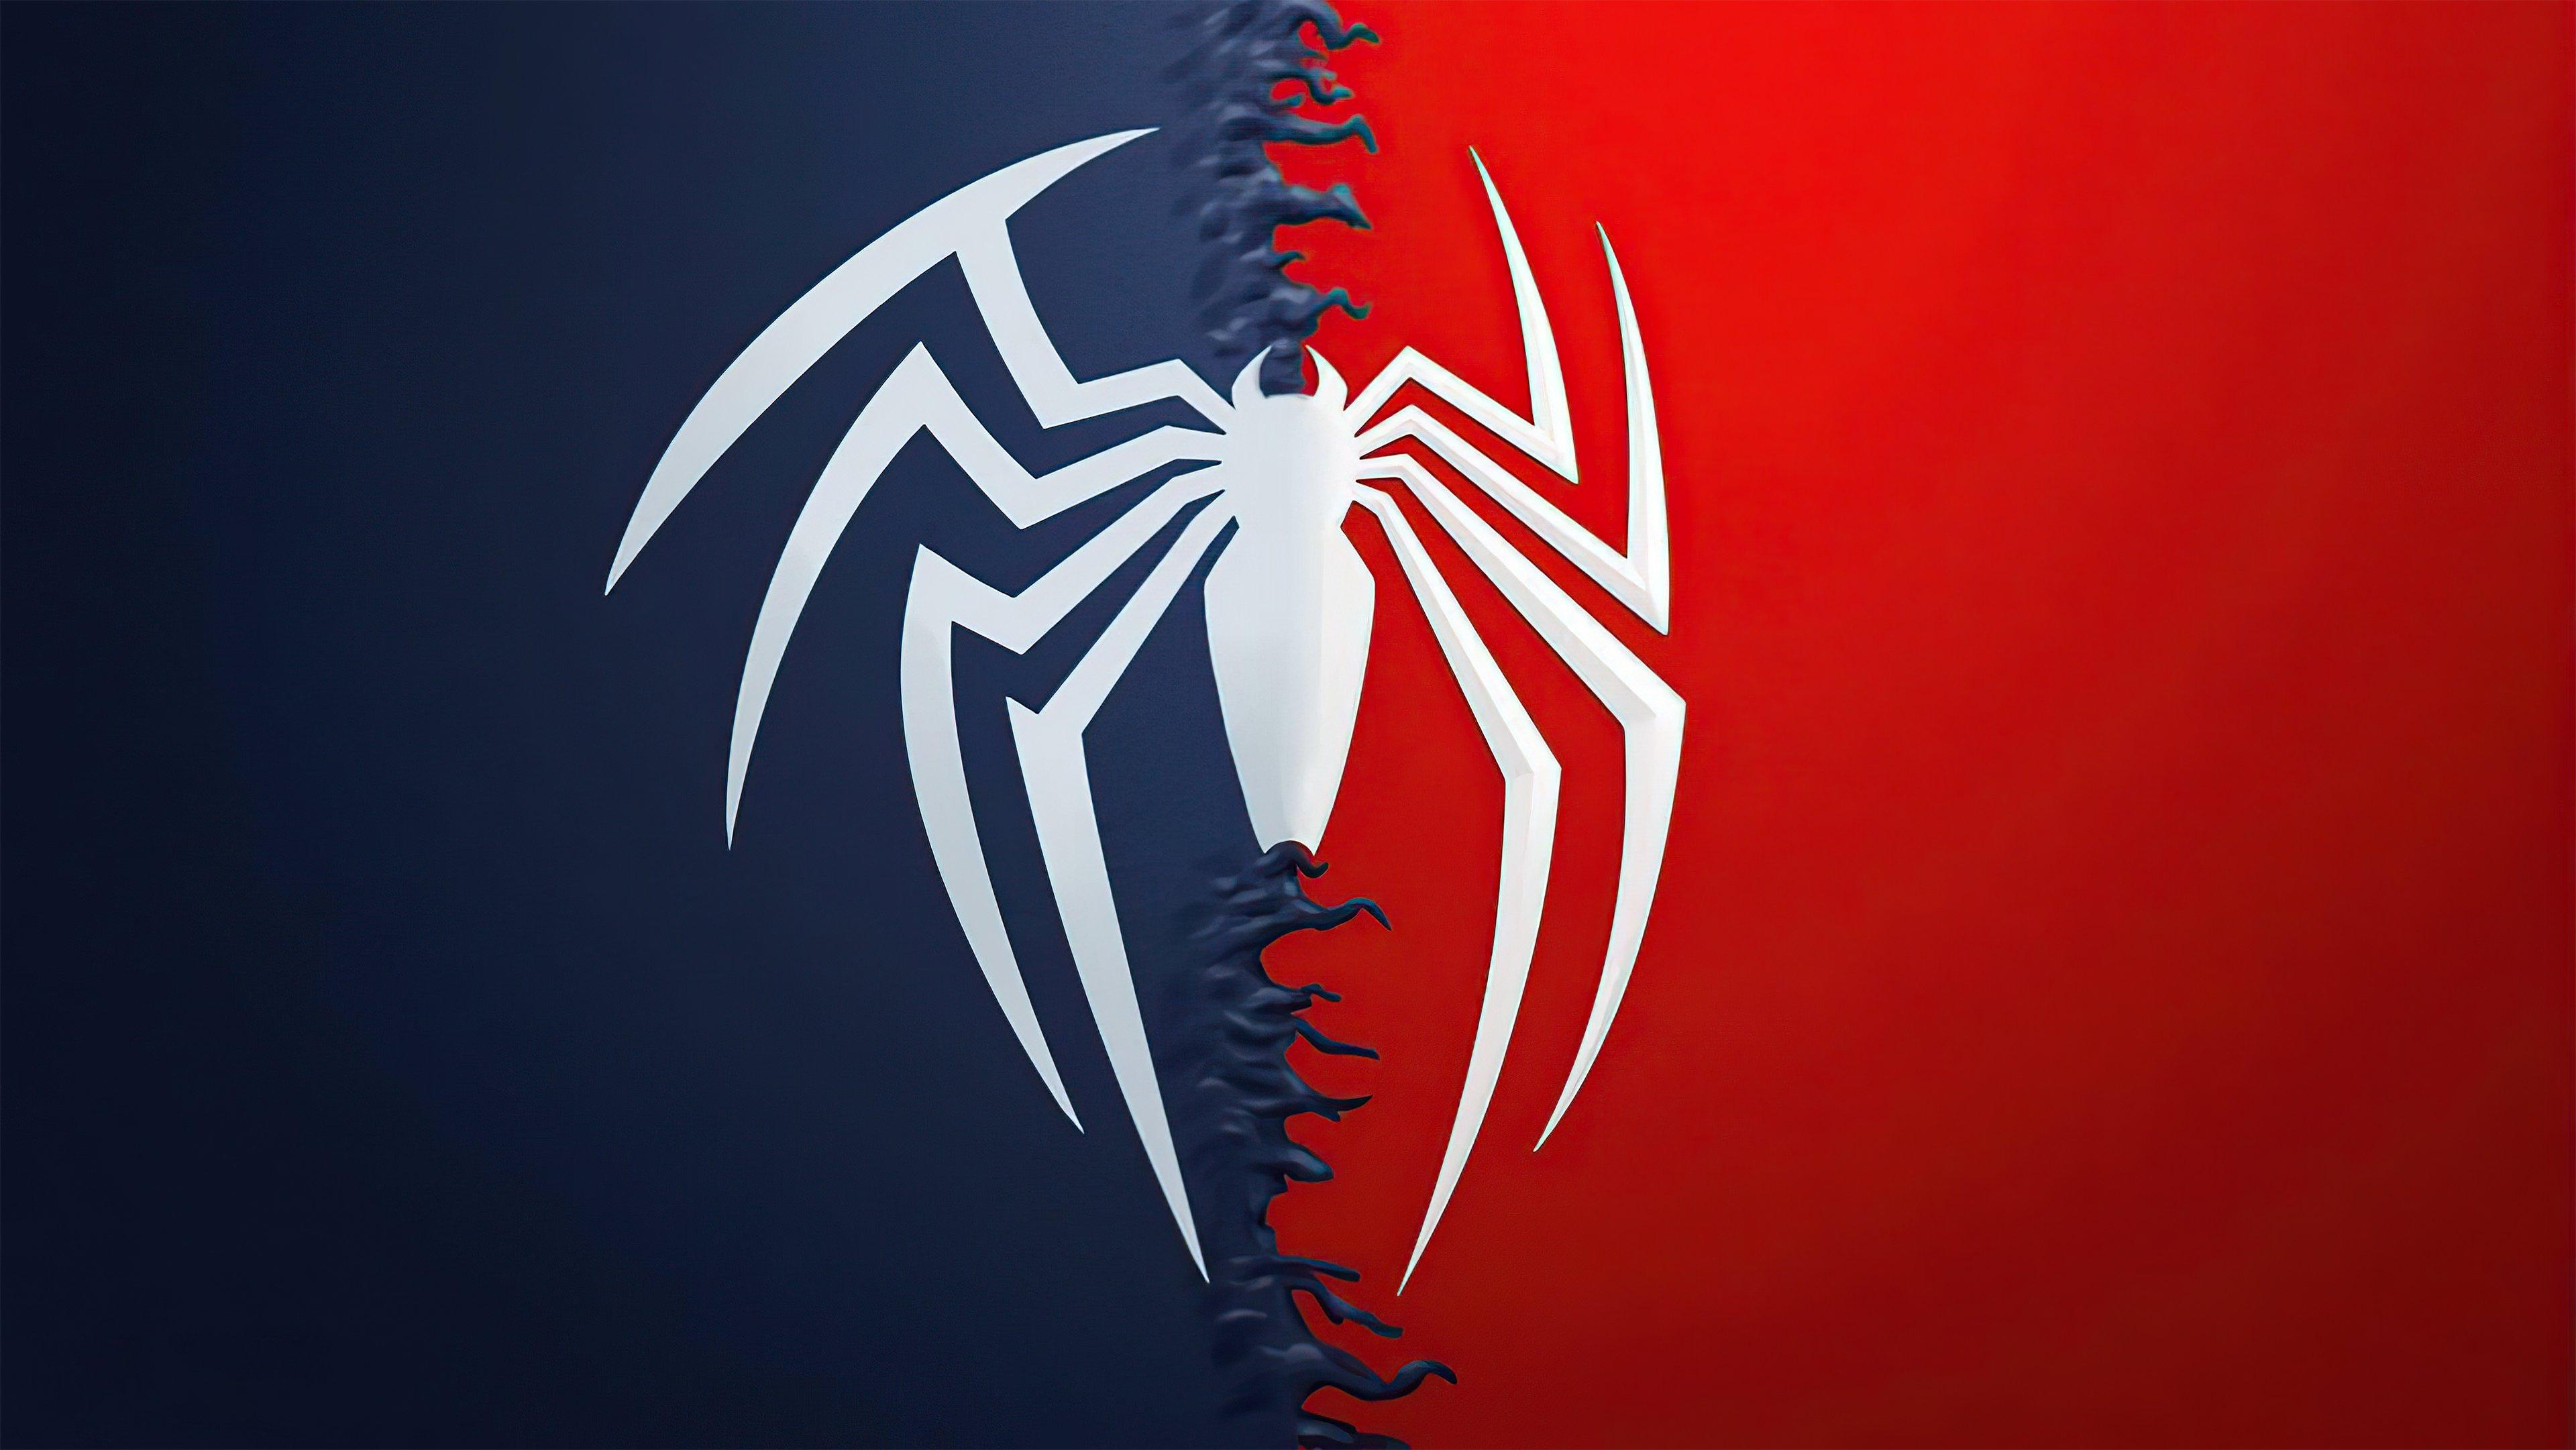 Wallpaper Spiderman Logo